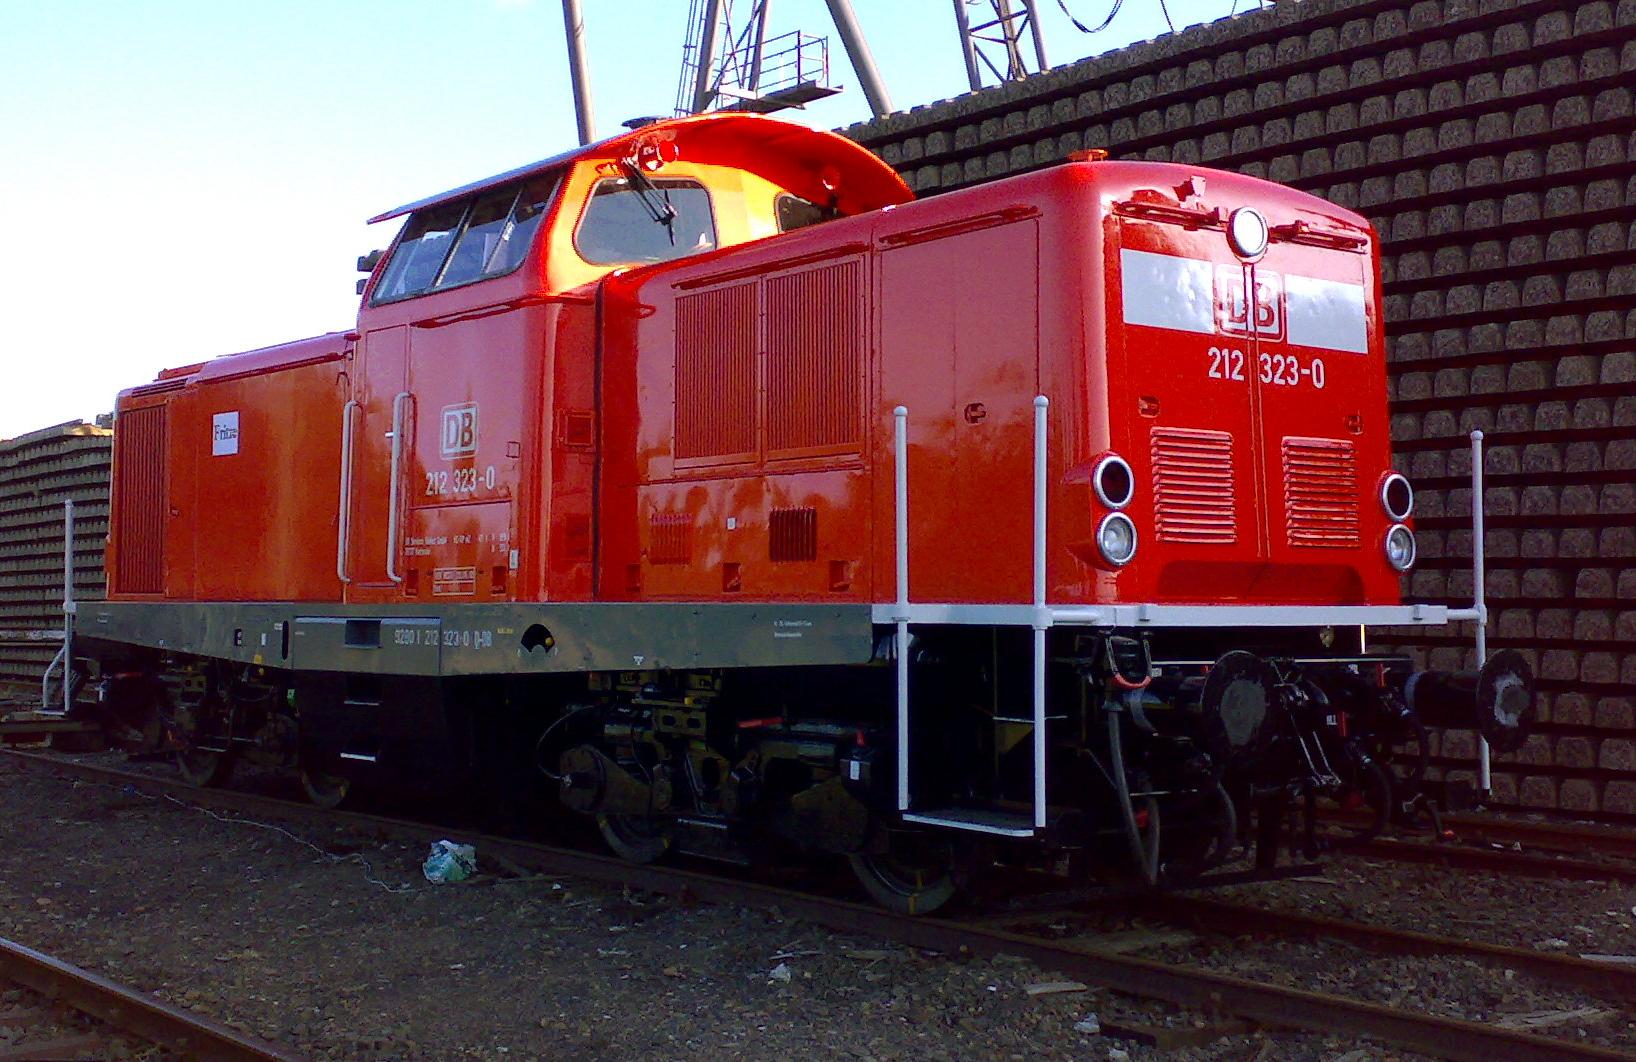 212 323 von DB Services